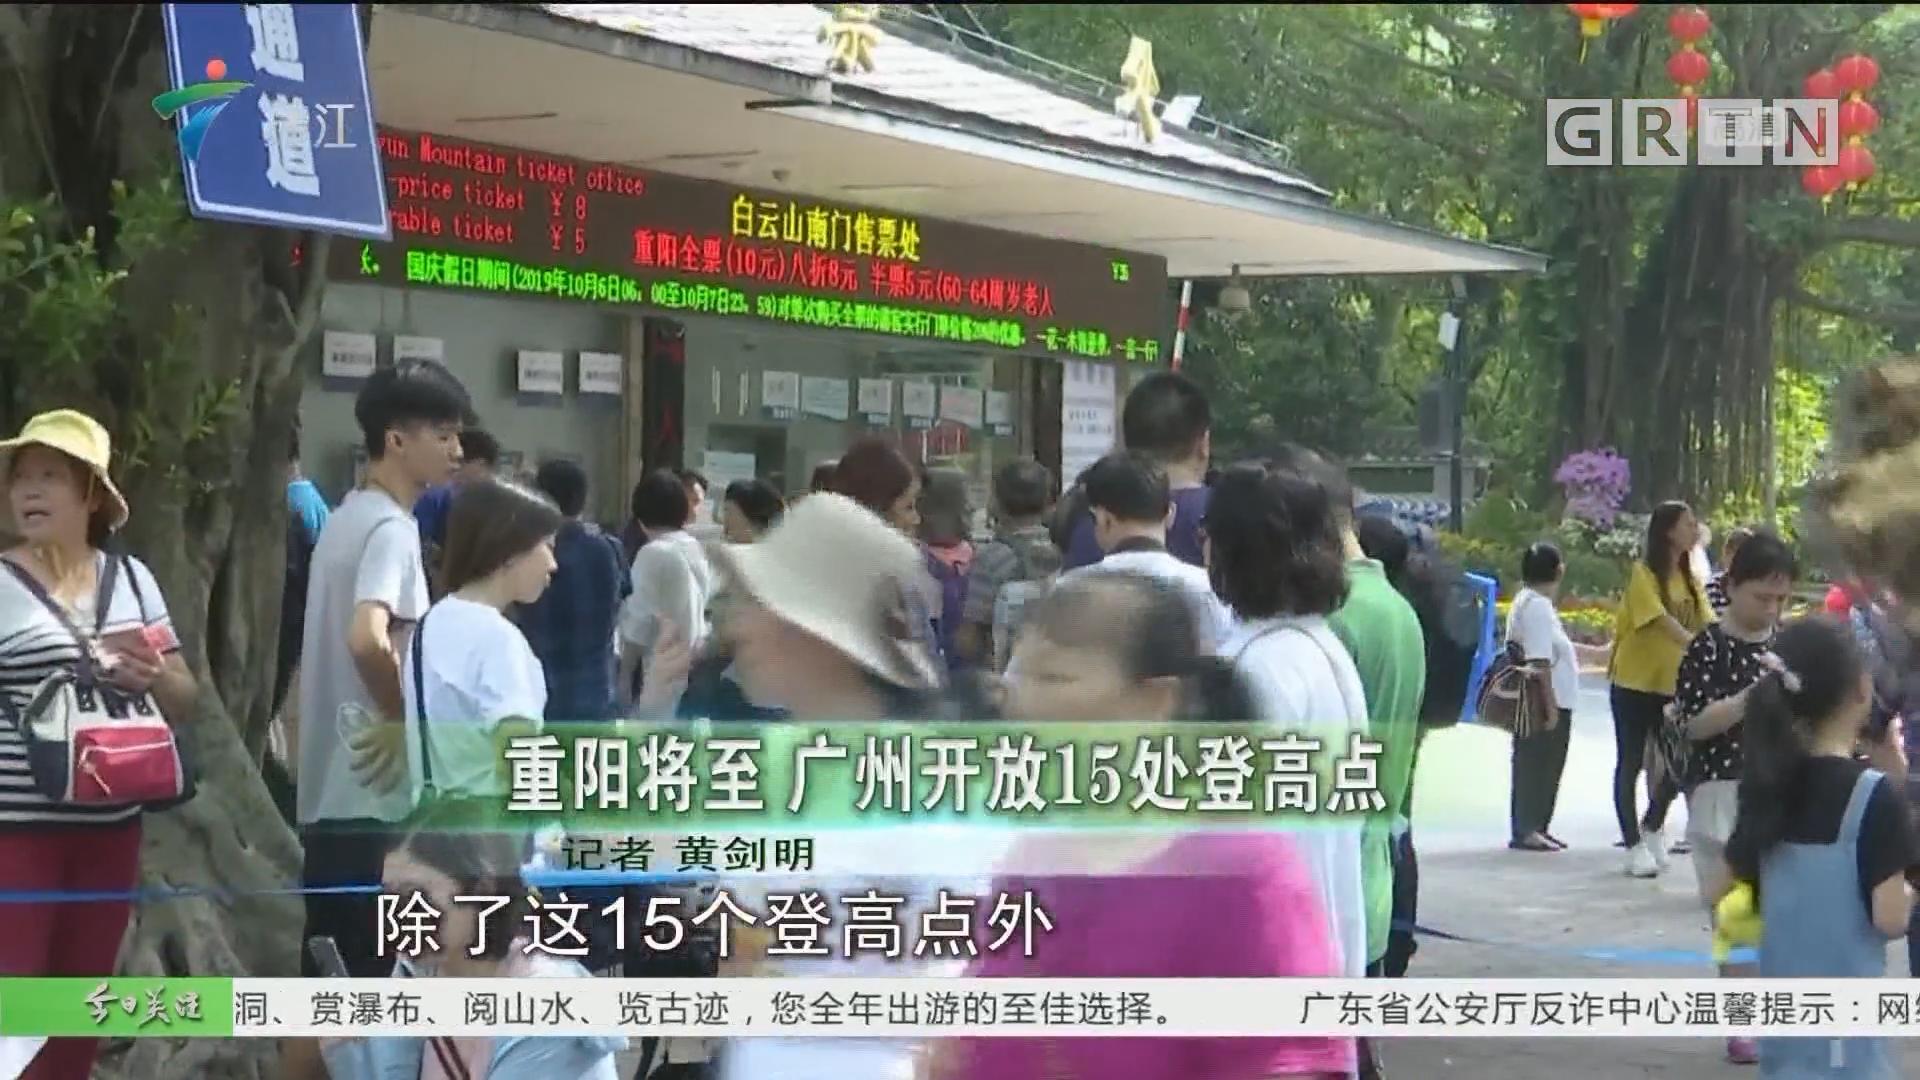 重阳将至 广州开放15处登高点